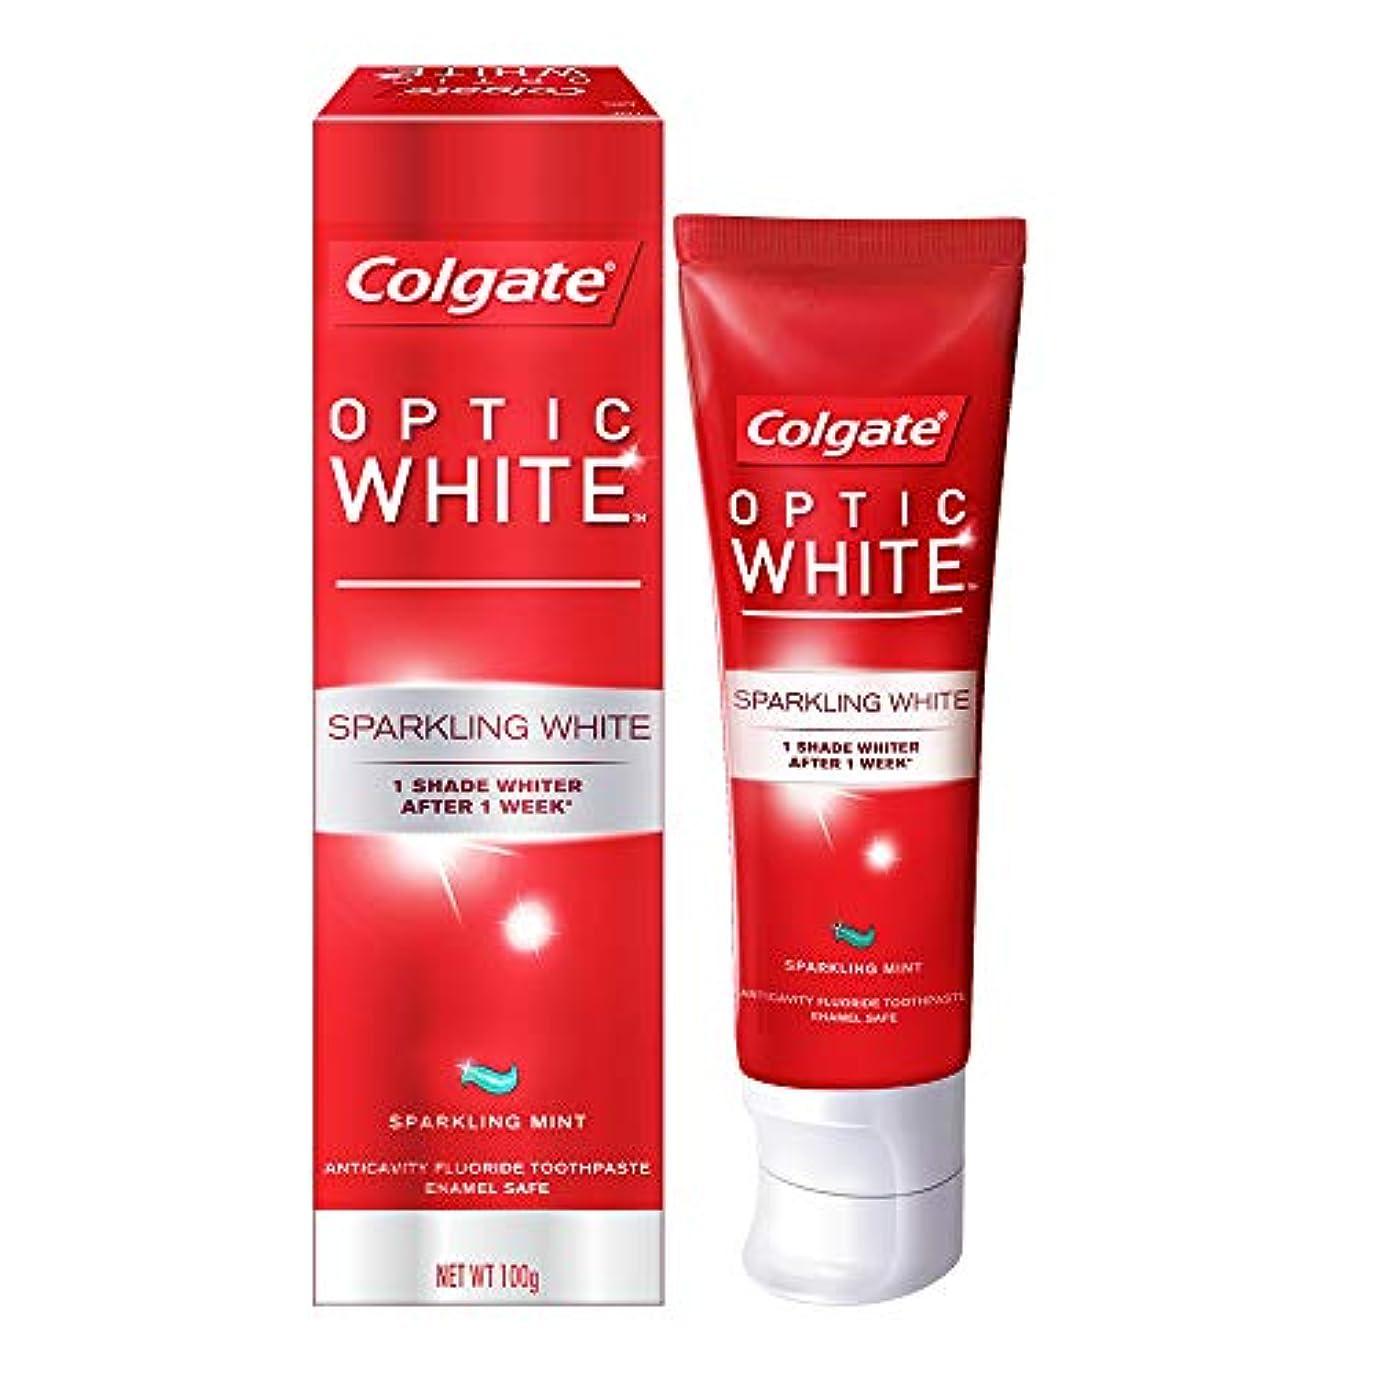 誤解を招く太平洋諸島崇拝しますコールゲート オプティック ホワイト スパークリングシャイン 100g 歯磨き粉 Colgate Optic White Sparkling Shine 100g Tooth Paste